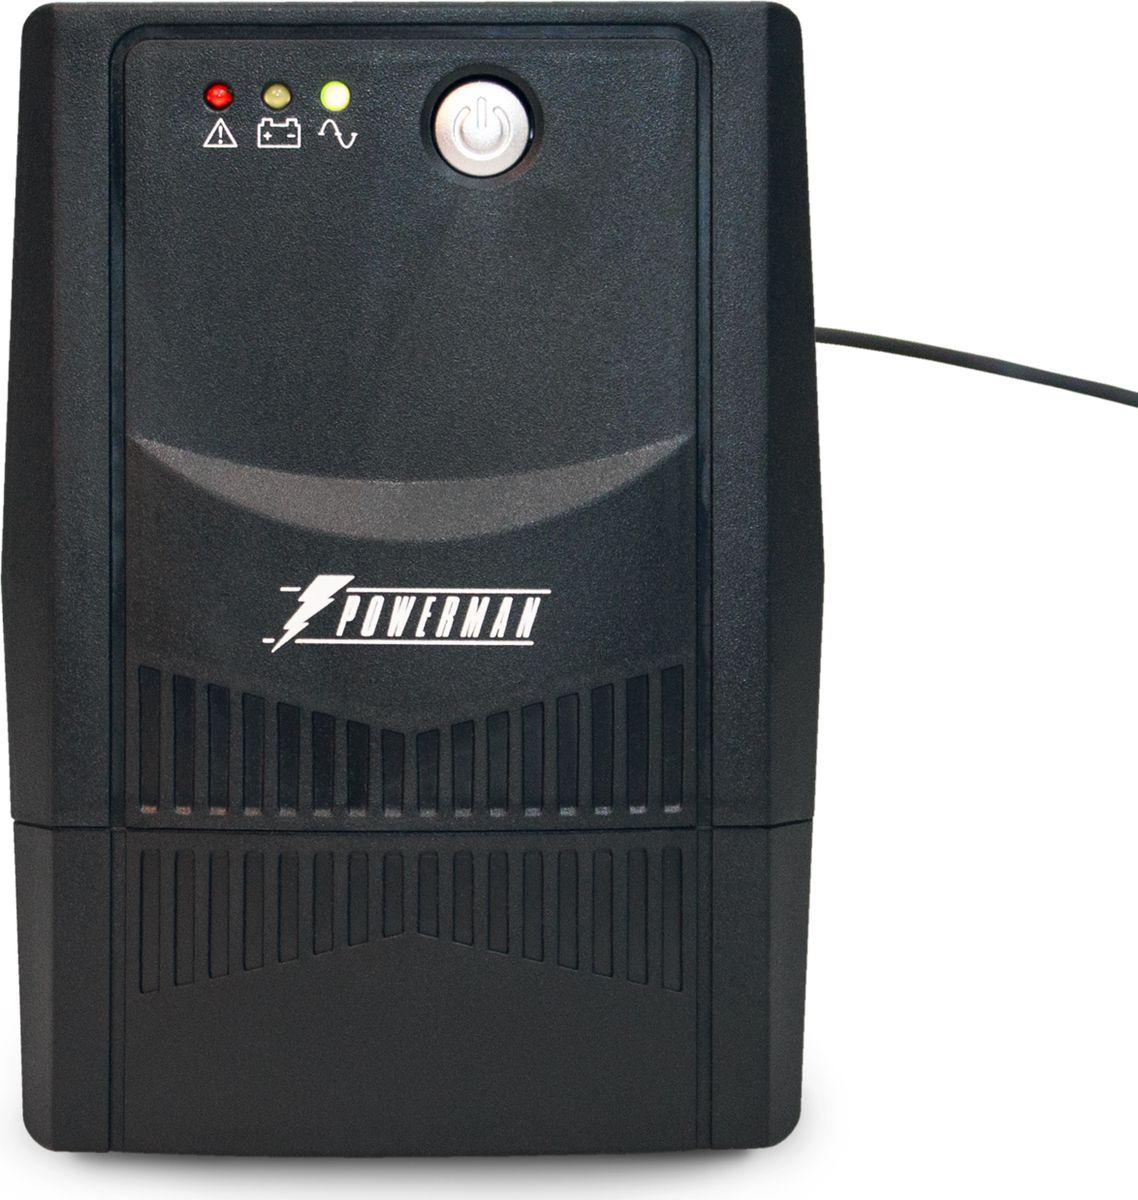 Источник бесперебойного питания Powerman  UPS Вack Pro 800 , 800 ВА - Источники бесперебойного питания (UPS)